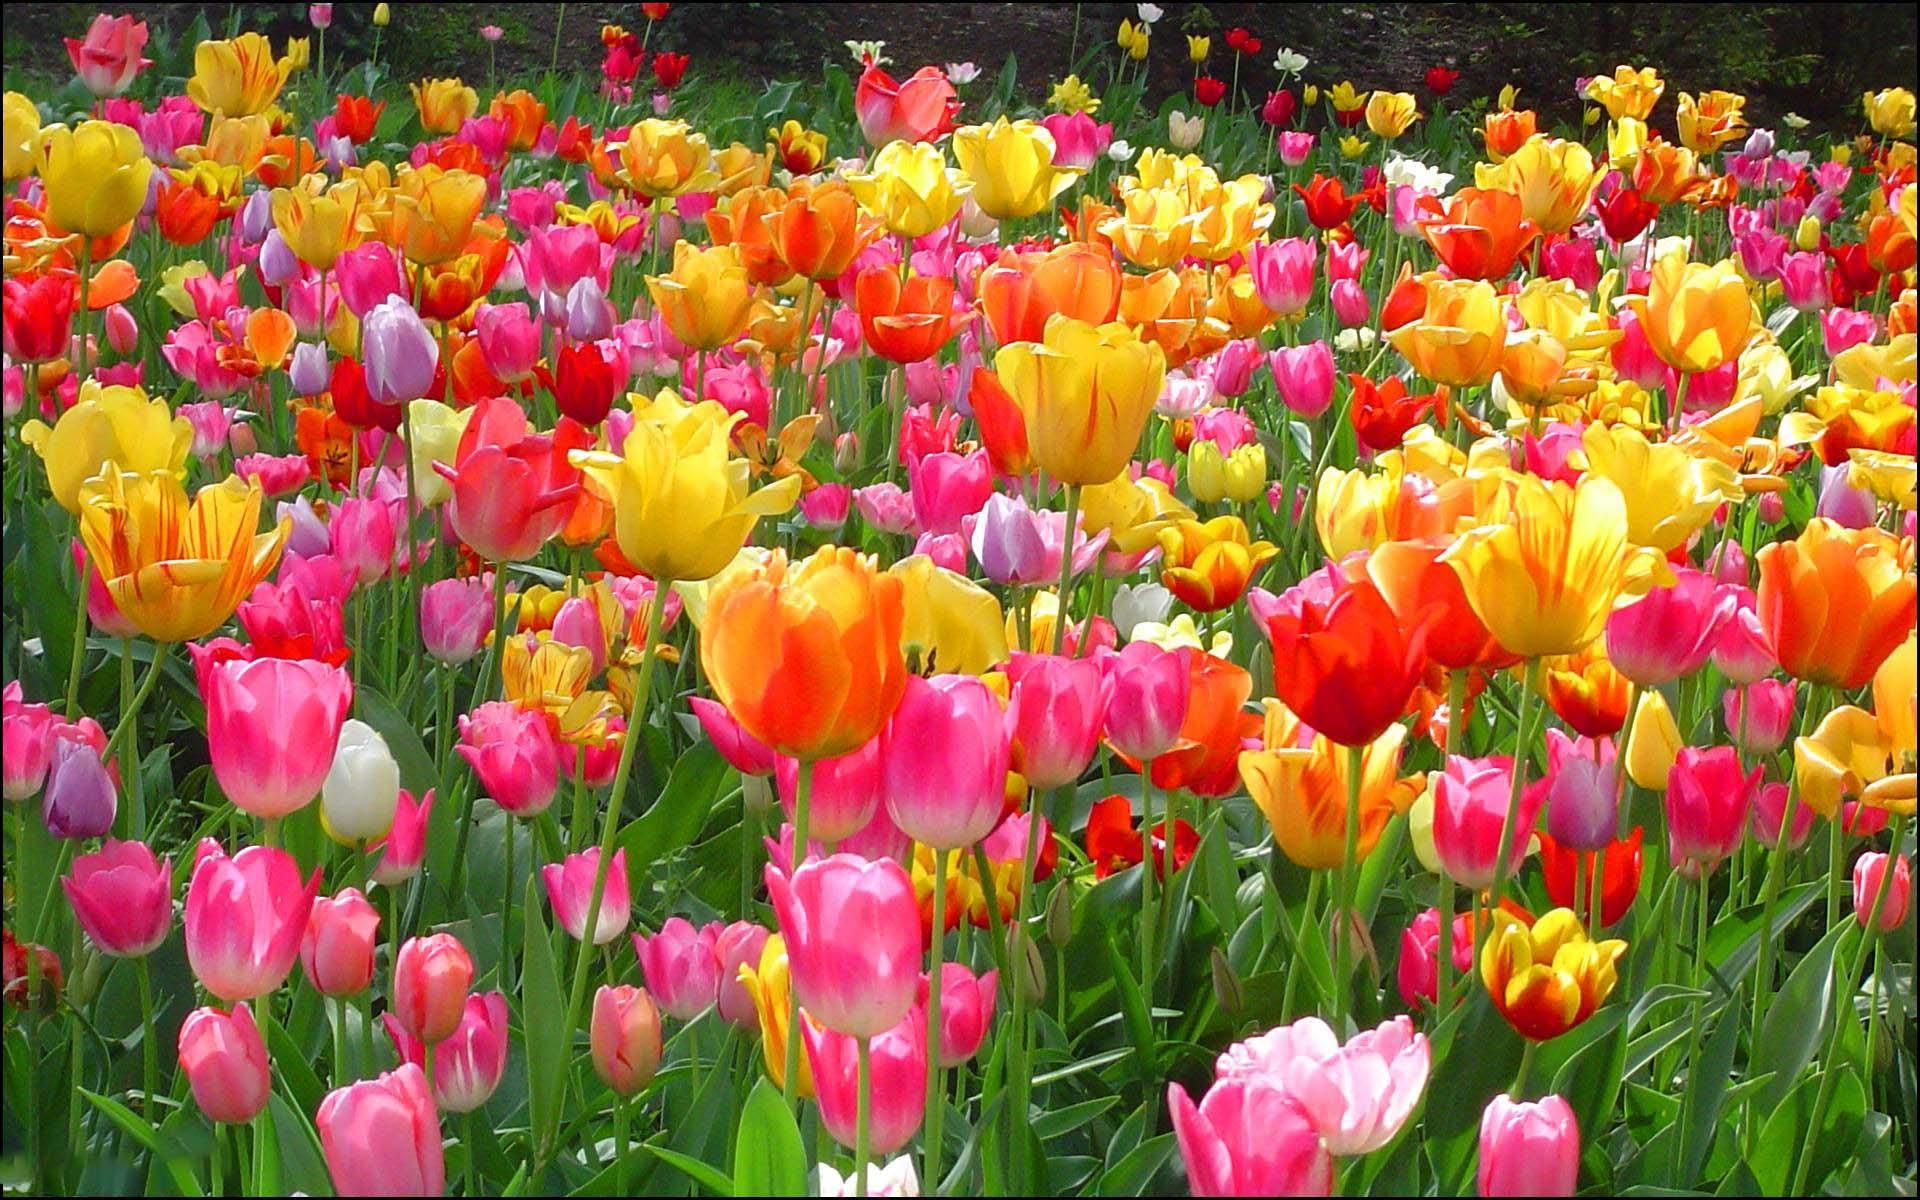 Tổng hợp hình nền hoa Tuluip đẹp nhất